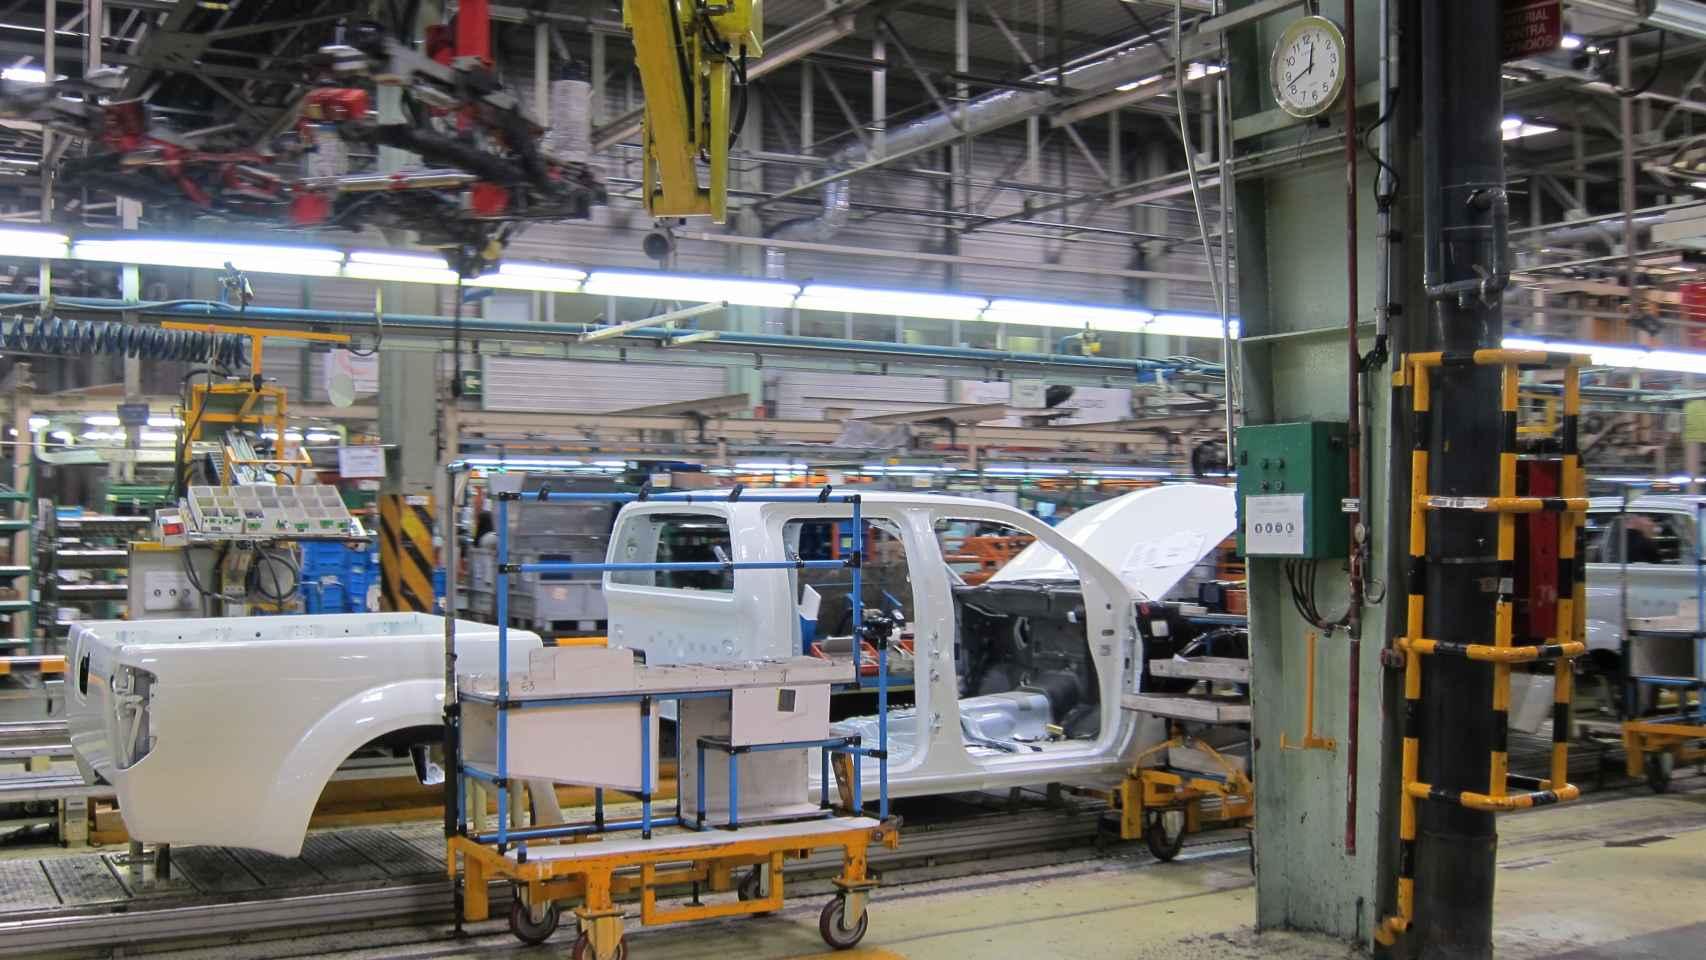 Imagen de la fábrica de Nissan en la Zona Franca de Barcelona.